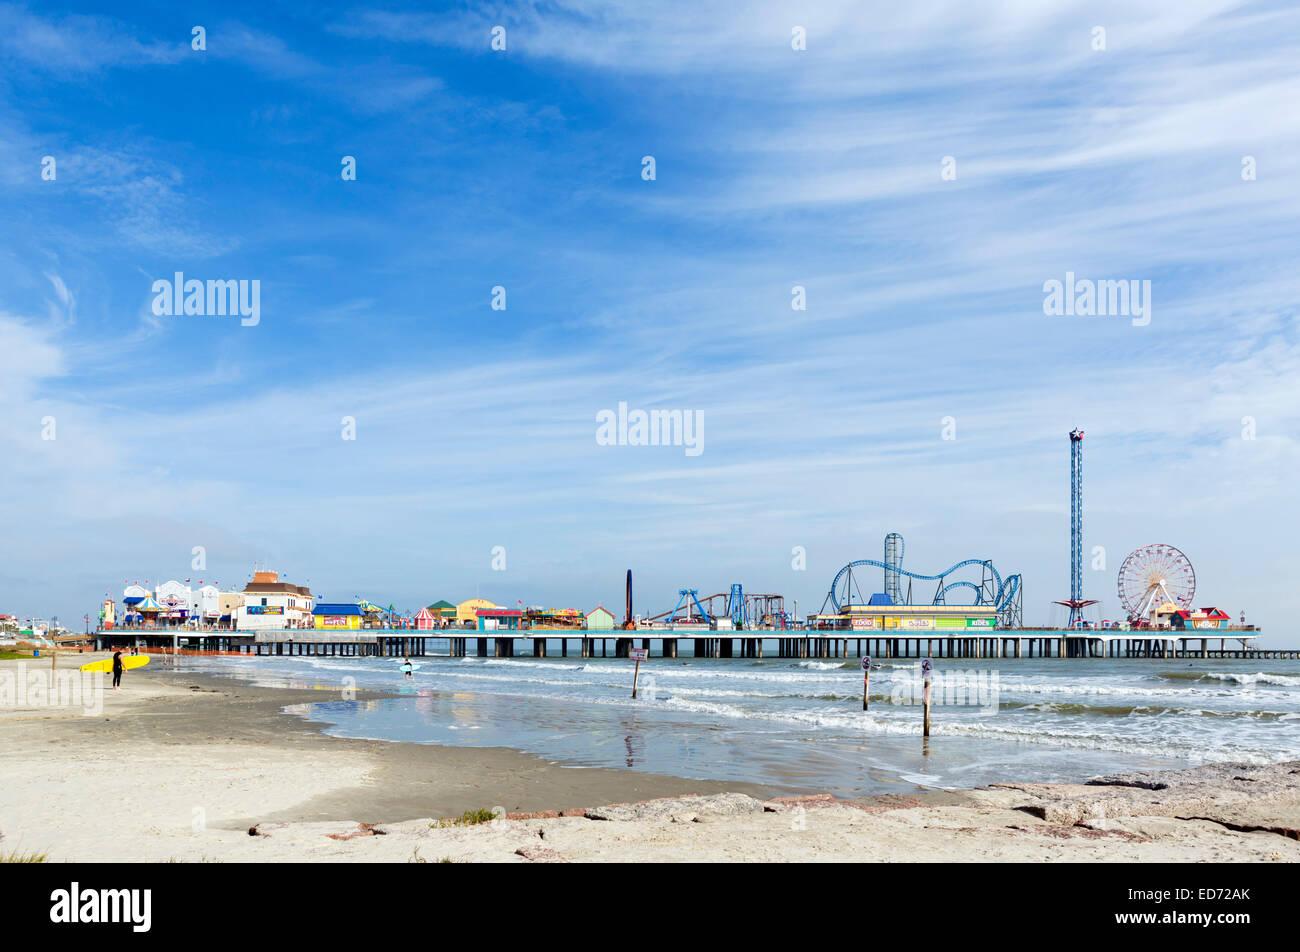 Galveston Island, el histórico muelle de placer, la Costa del Golfo, Galveston, Texas, EE.UU. Imagen De Stock